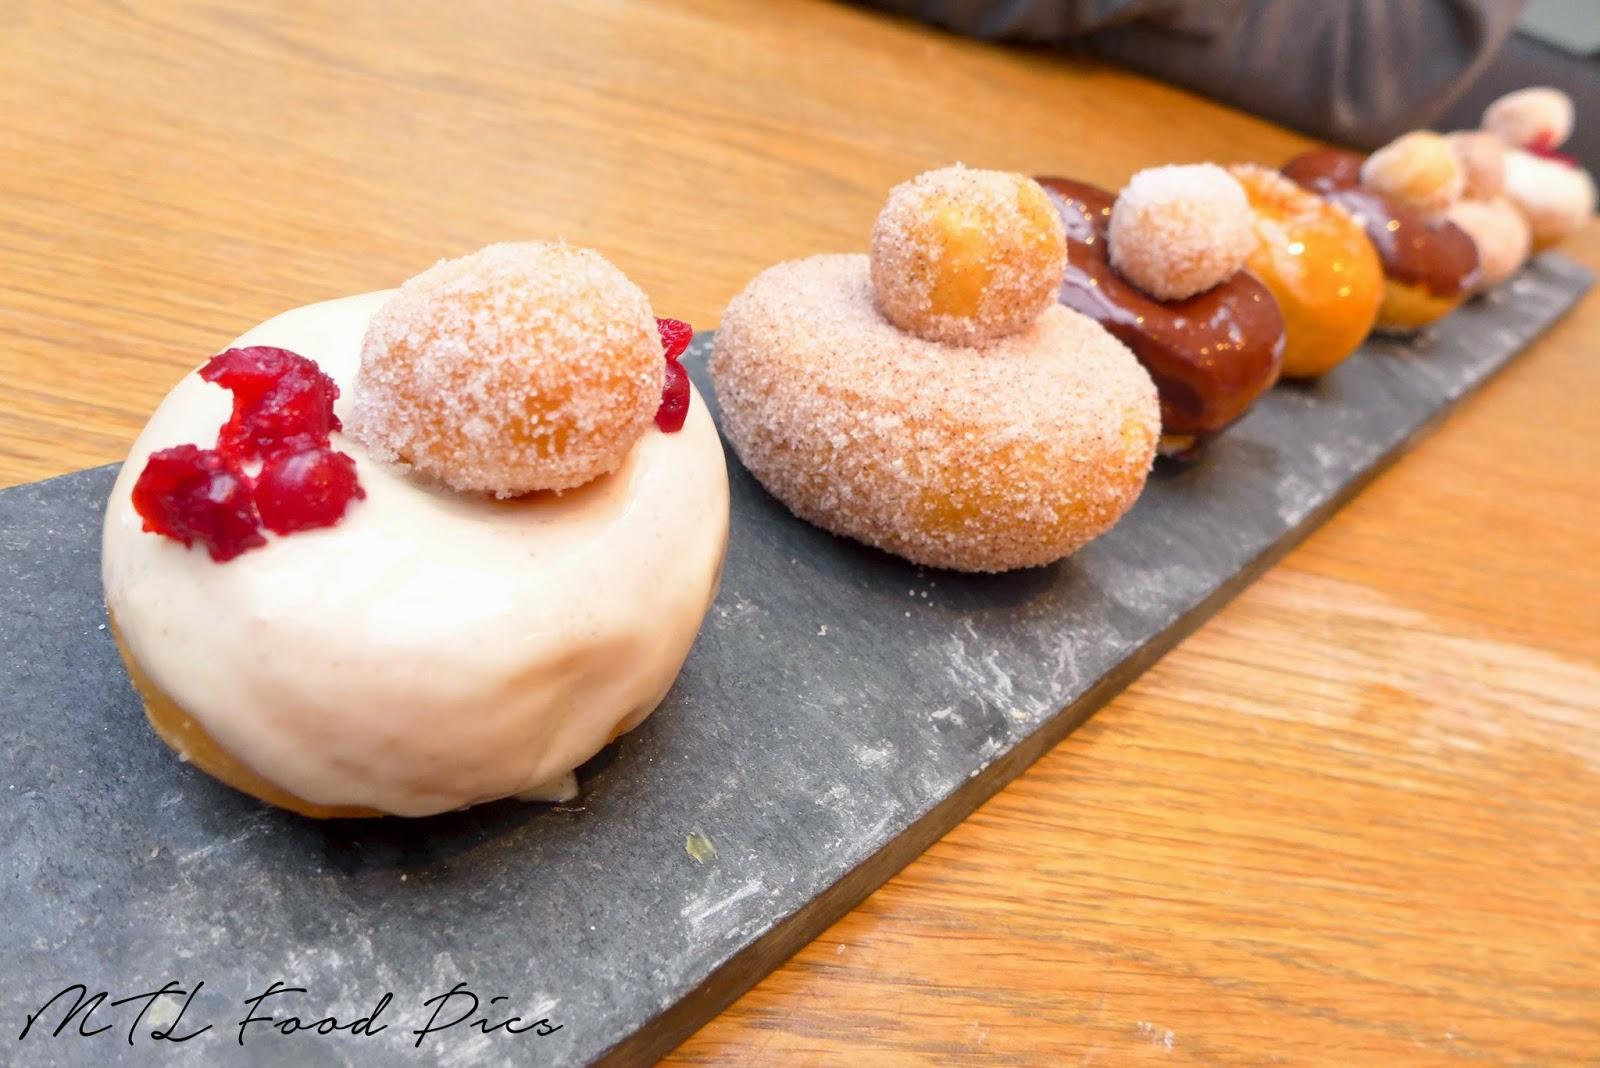 Doughnuts - Ottawa restaurant